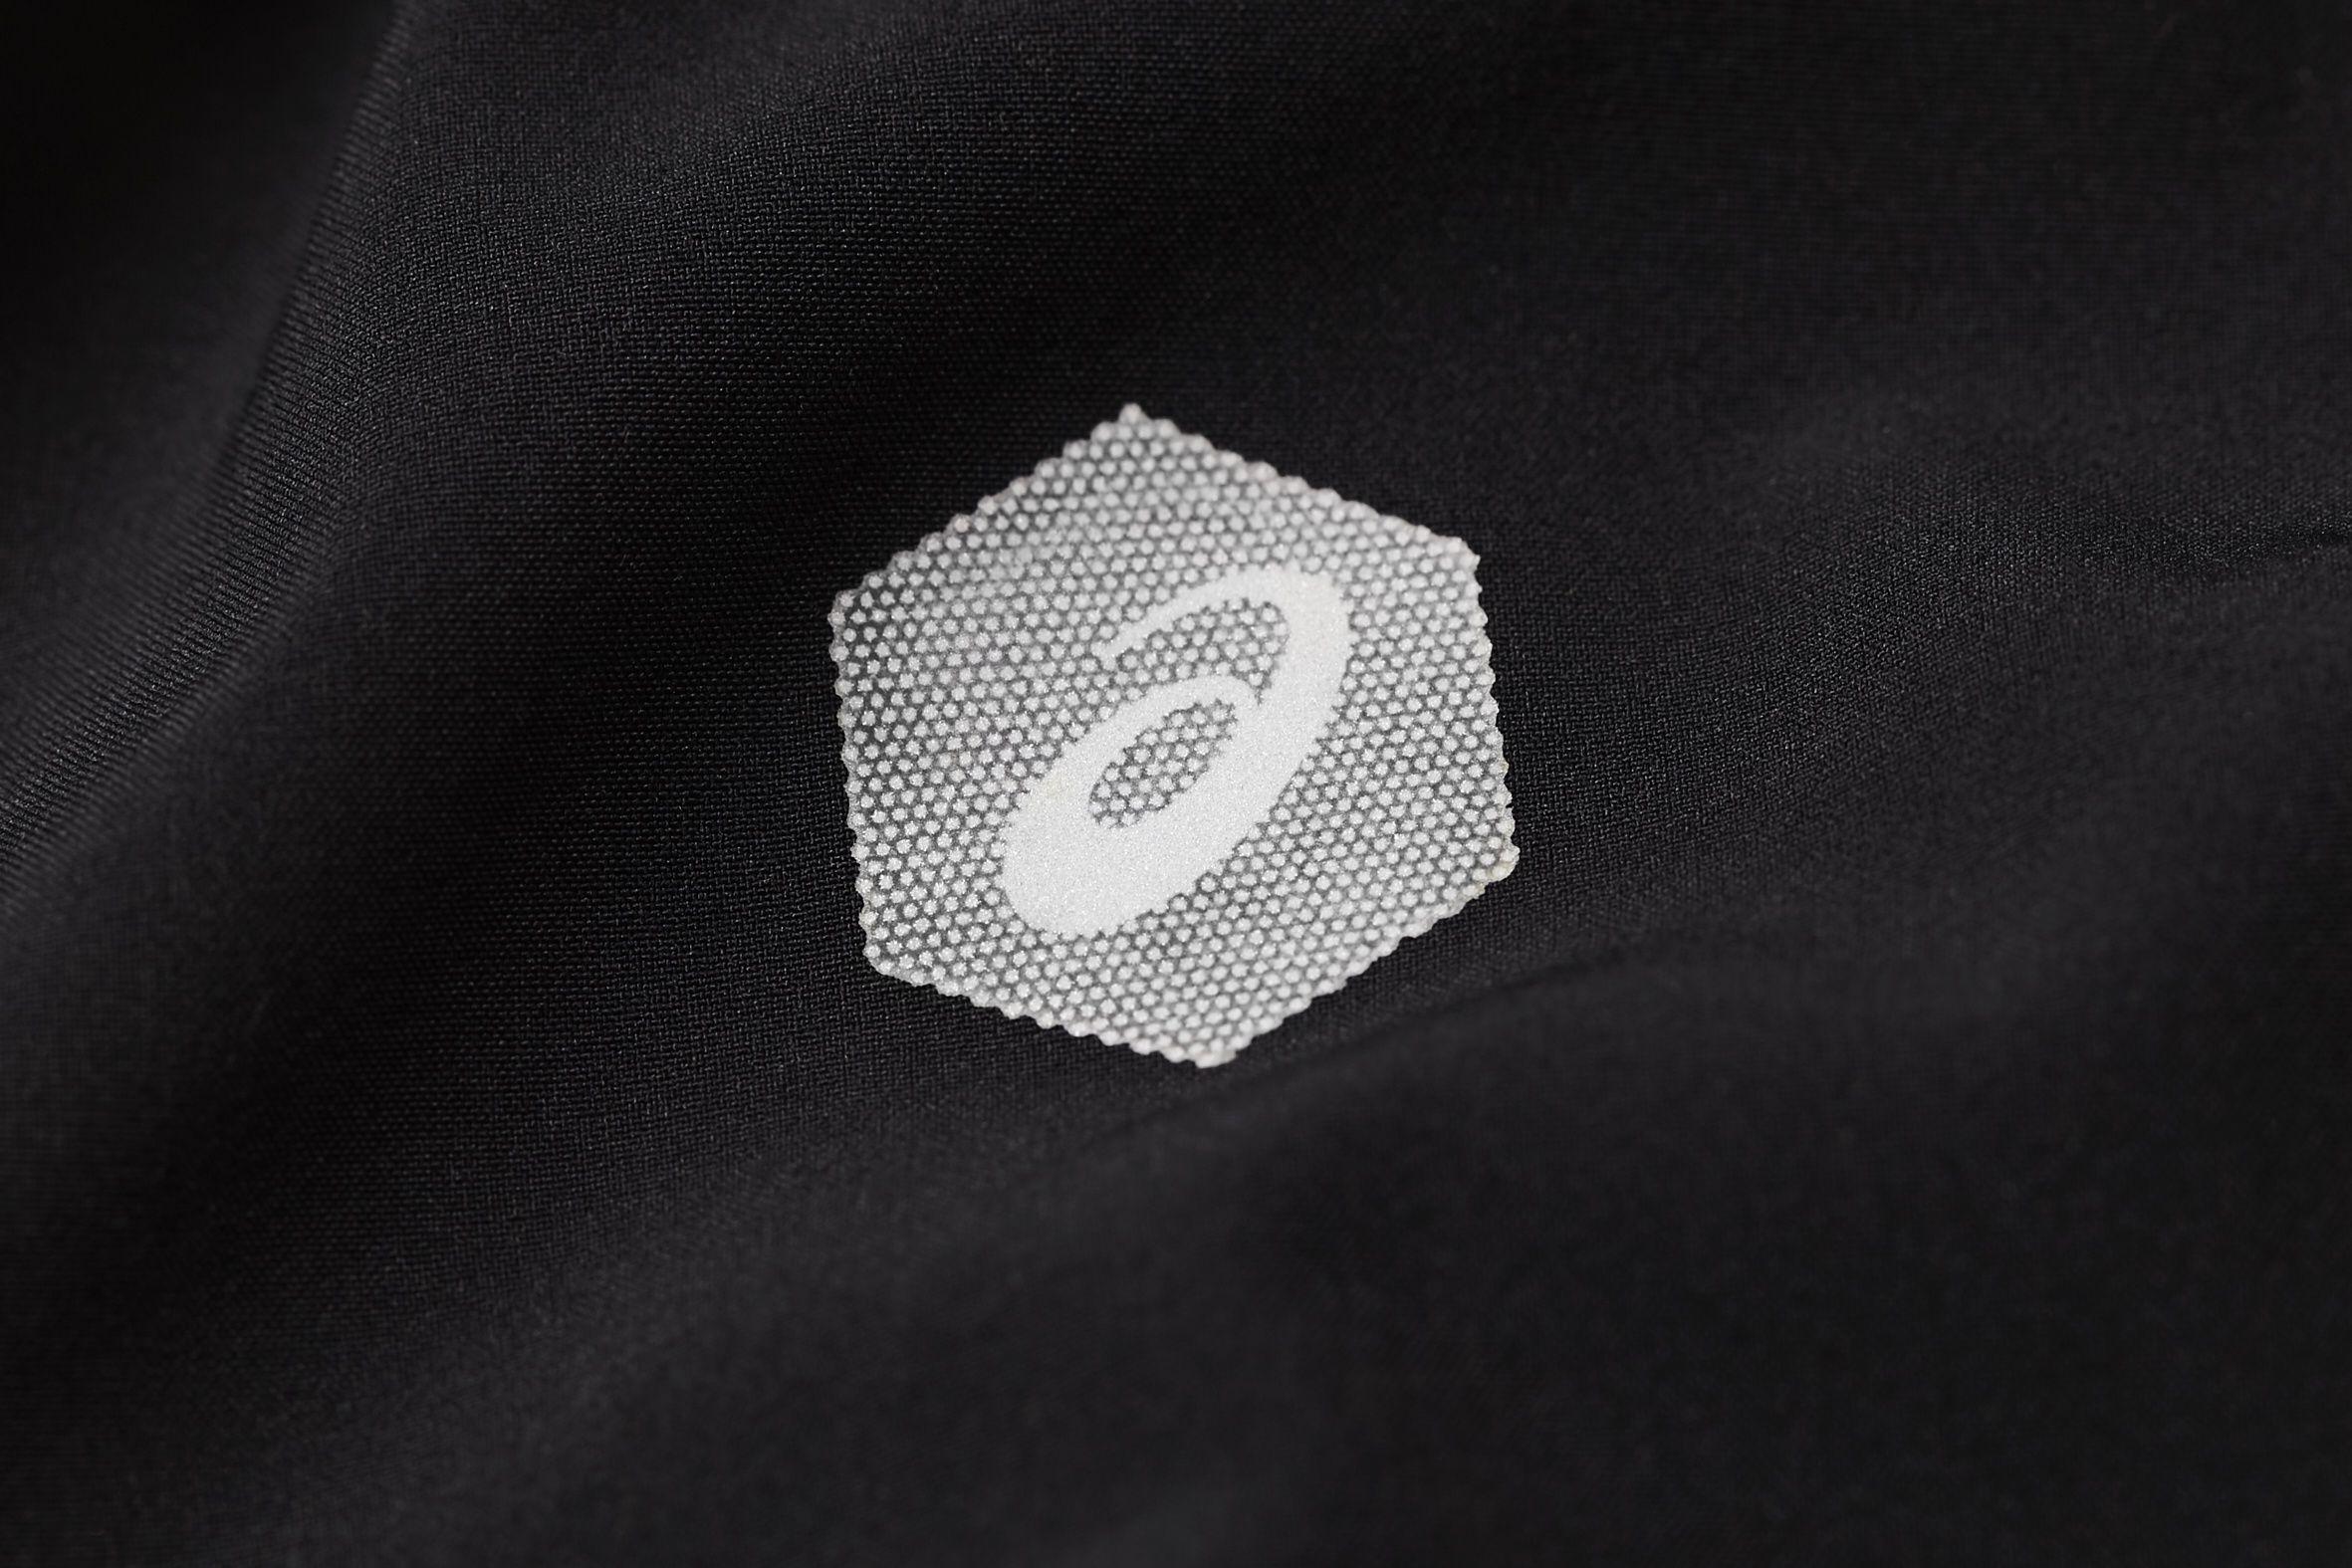 Aparel_hexagon